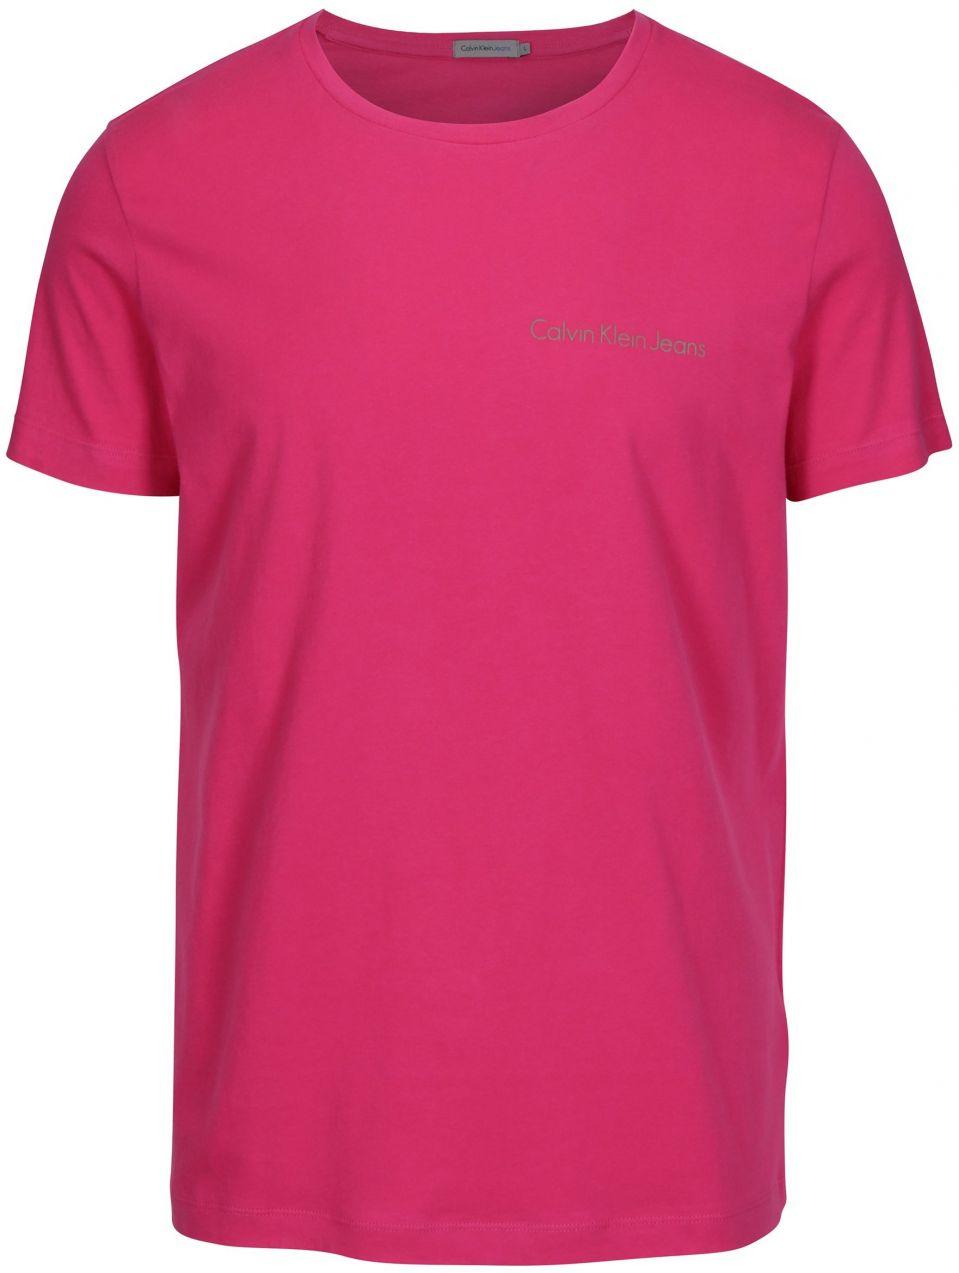 6259d4355063 Ružové pánske tričko s potlačou Calvin Klein Jeans Typoko značky Calvin  Klein Jeans - Lovely.sk